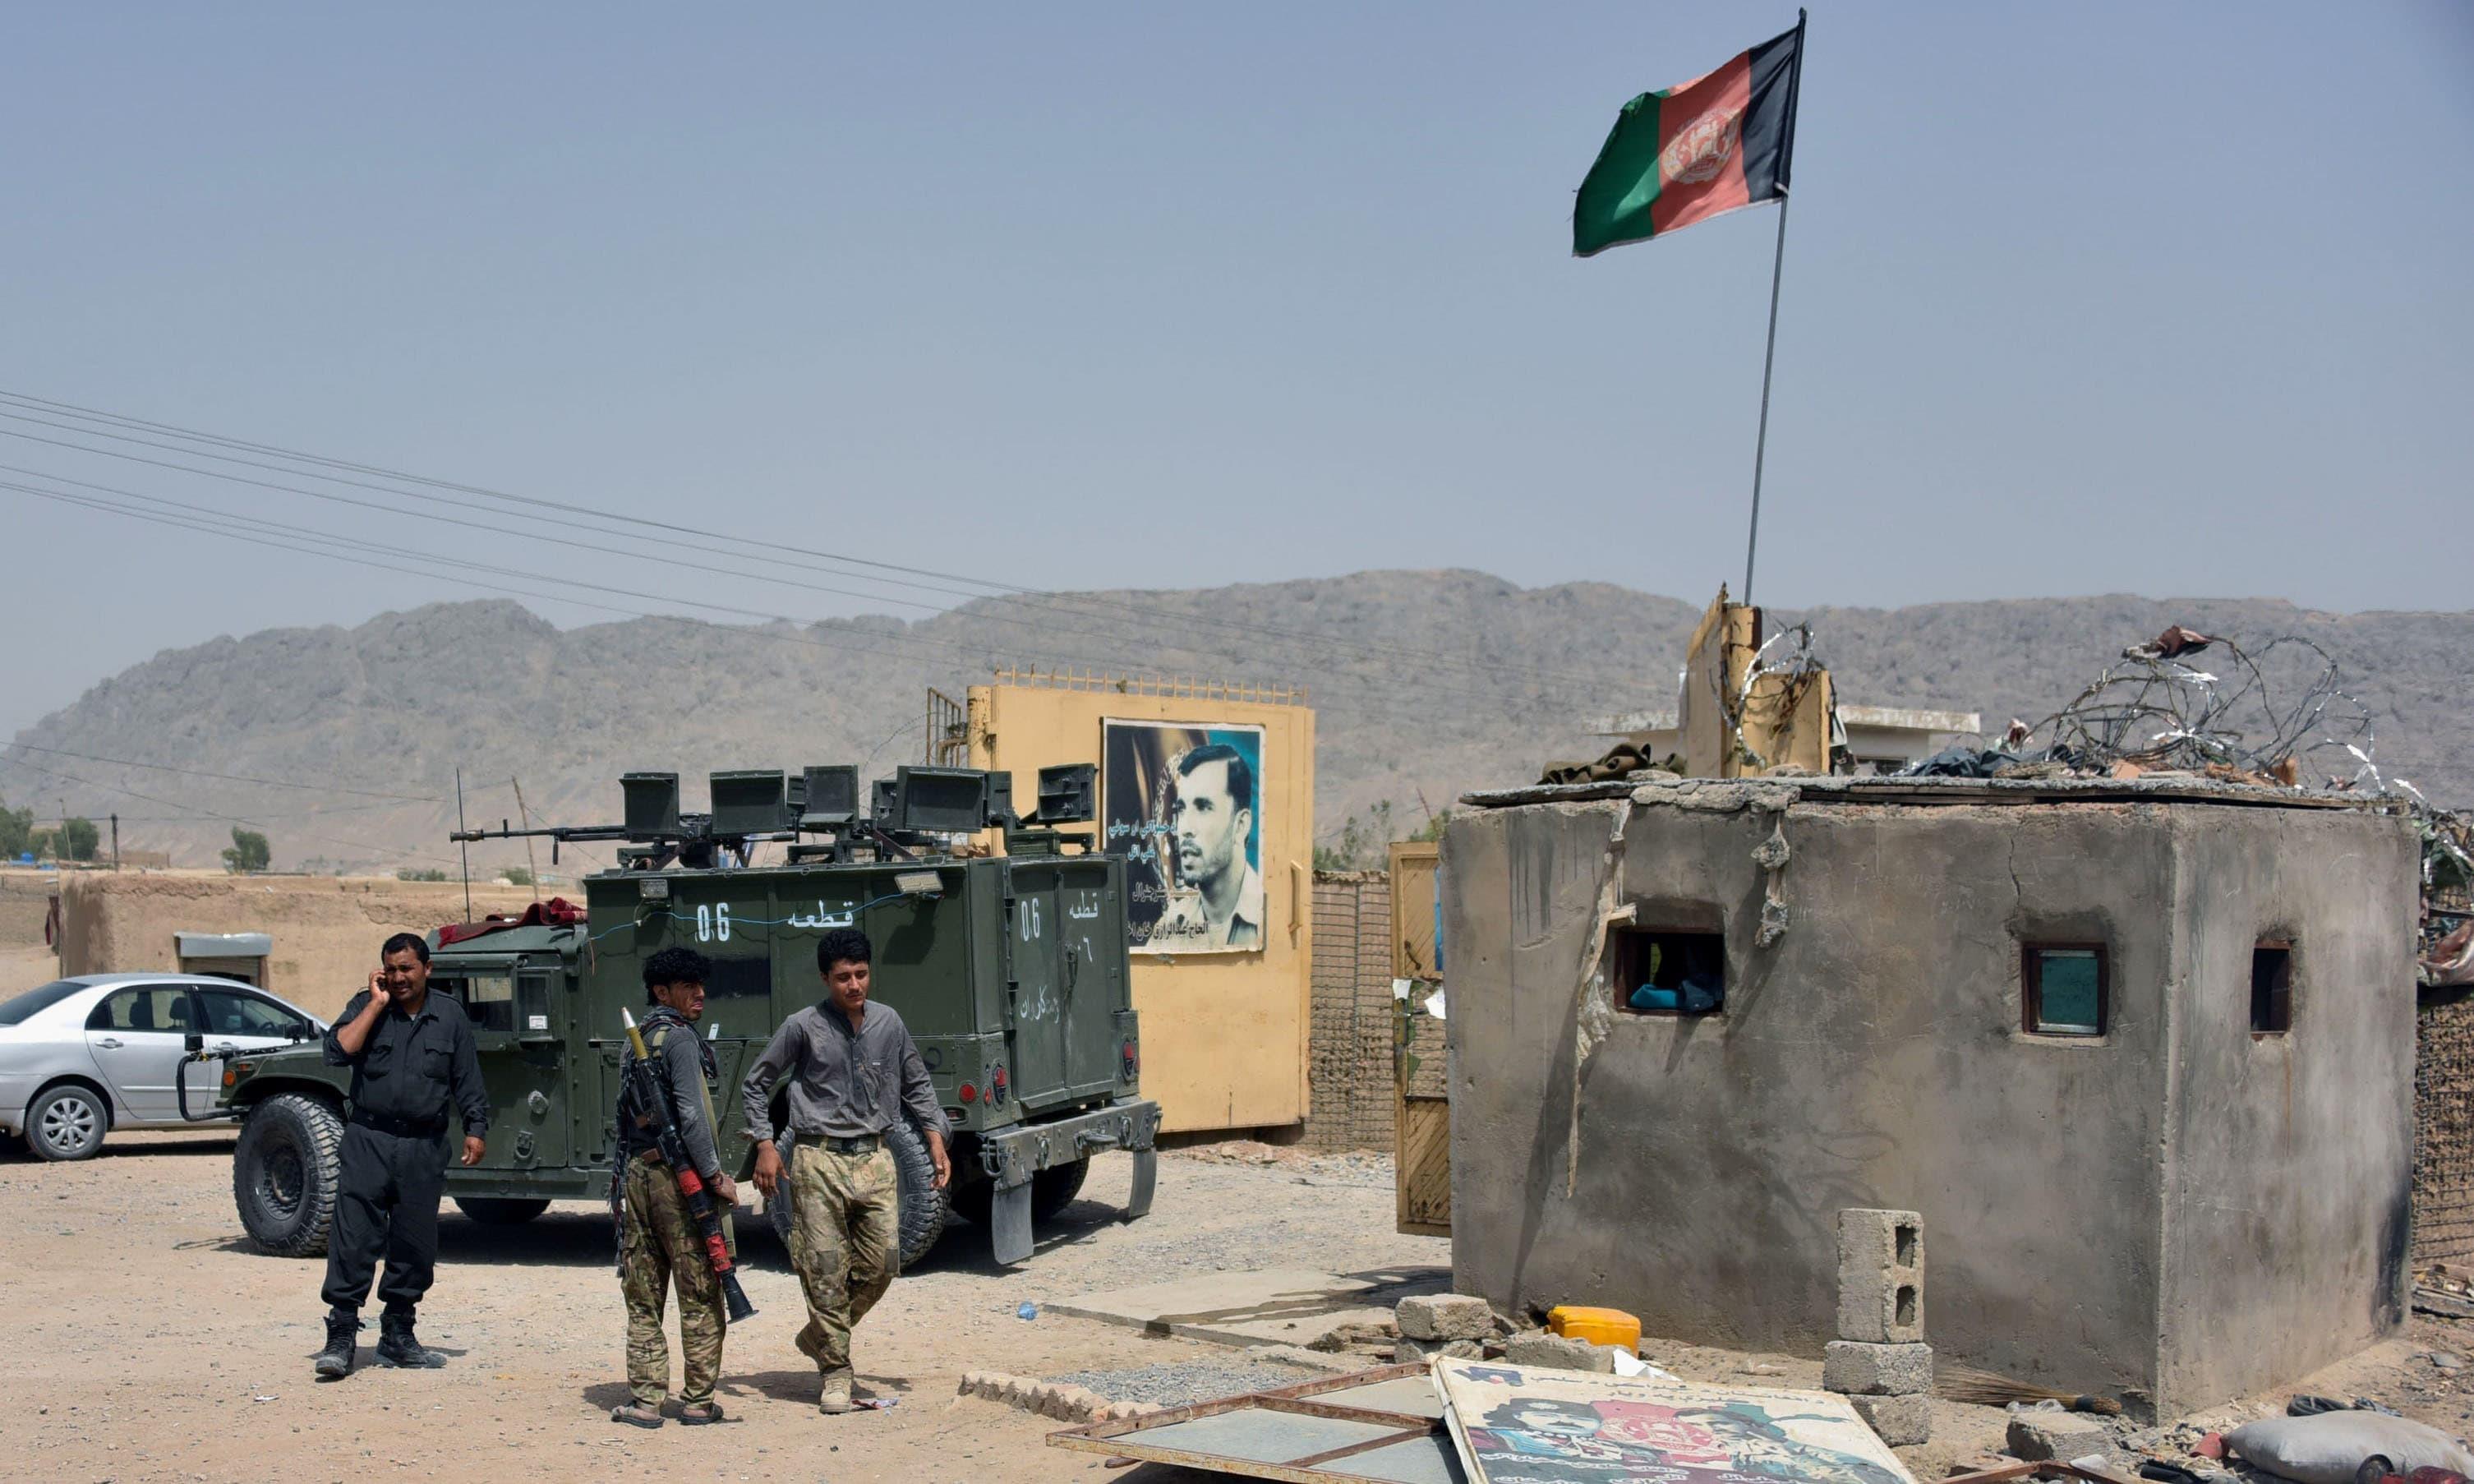 امریکا، وسط ایشیائی ریاستوں کا افغانستان میں قبضے کی اجازت نہ دینے کا عزم